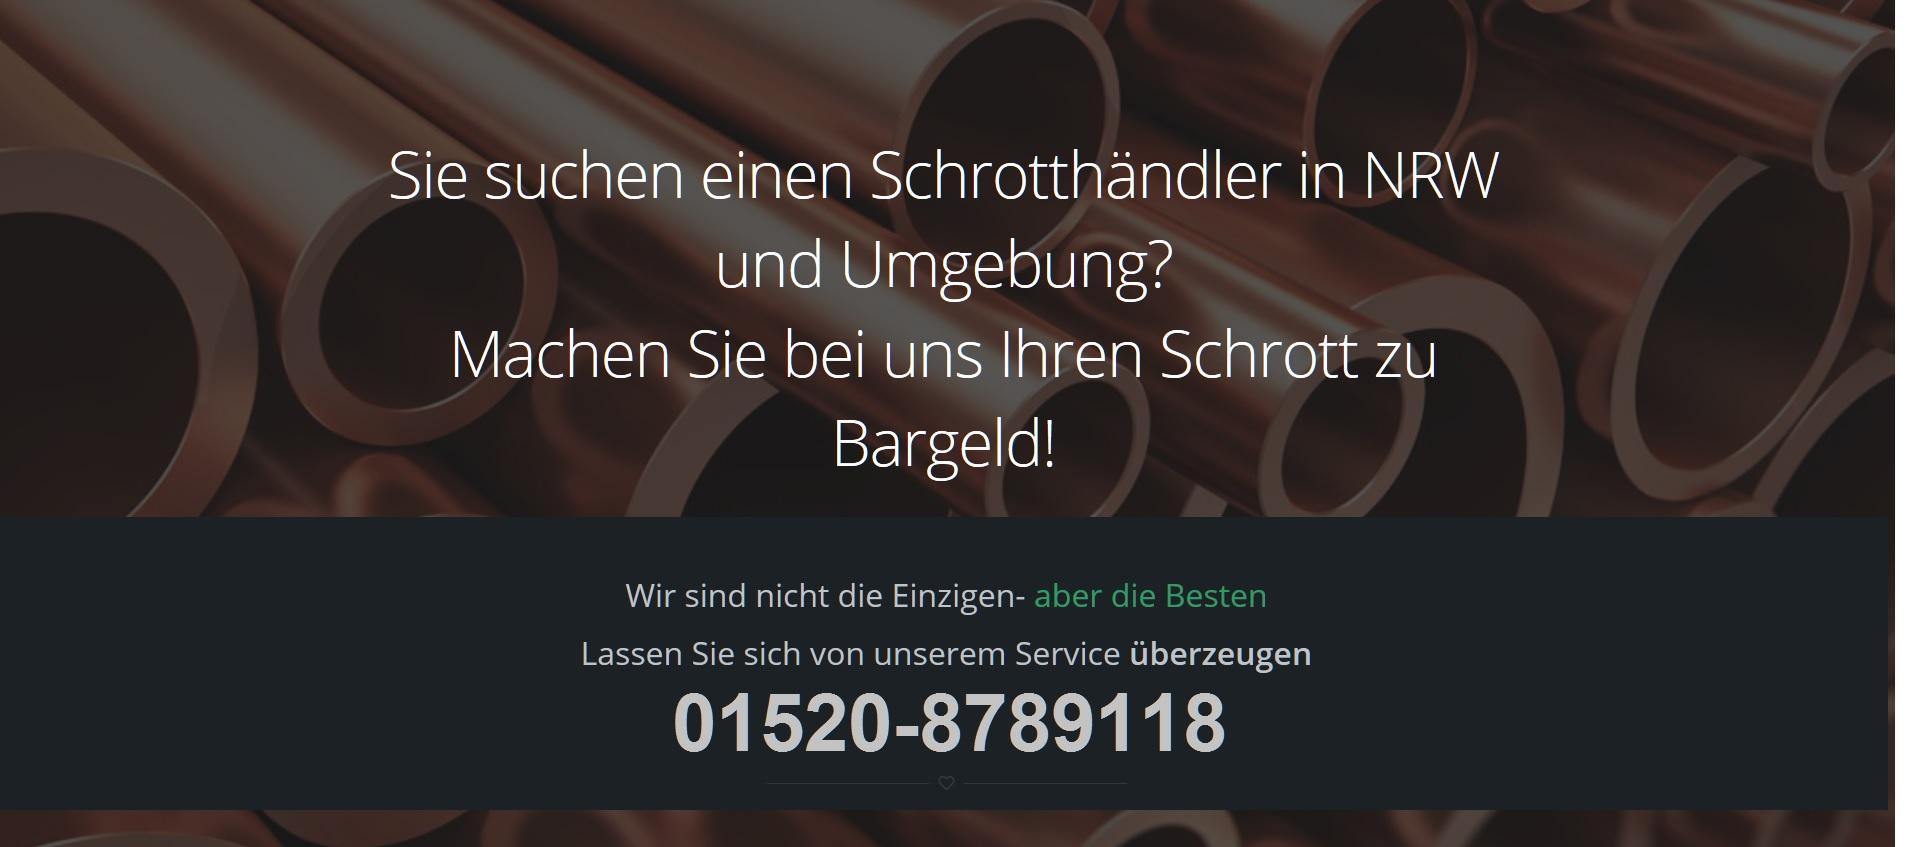 Schrottabholung Krefeld | Ihr Partner für Schrottabholung in Krefeld